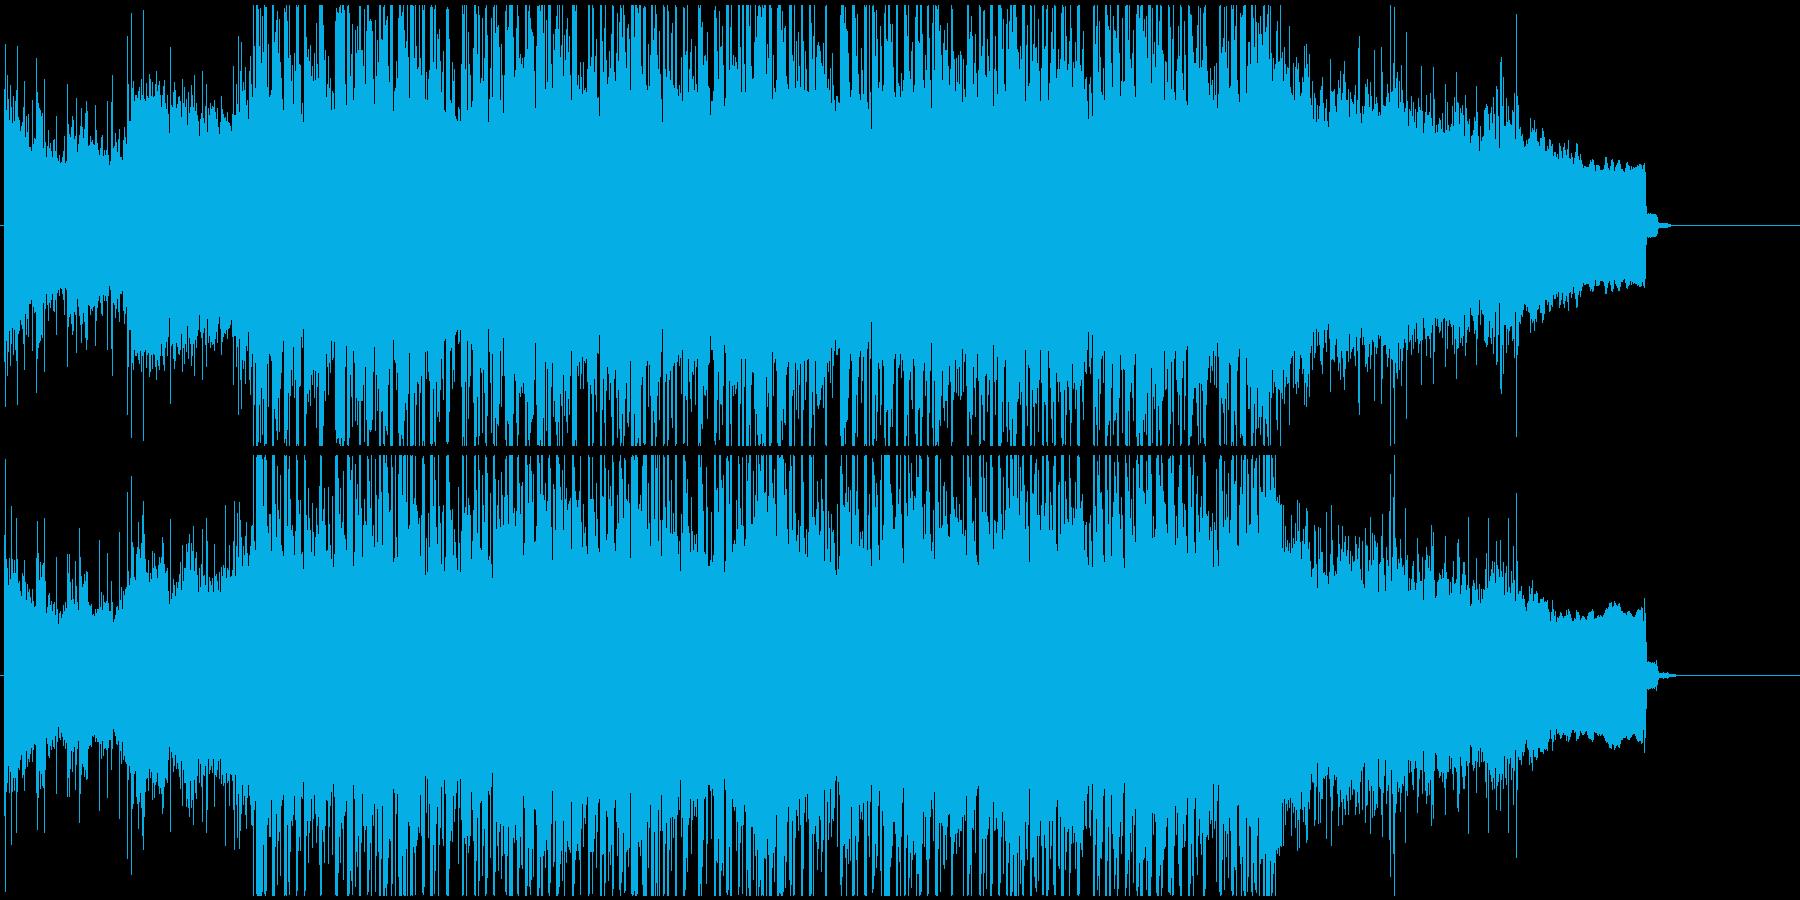 慌ただしい あやしい 不思議 謎 科学の再生済みの波形